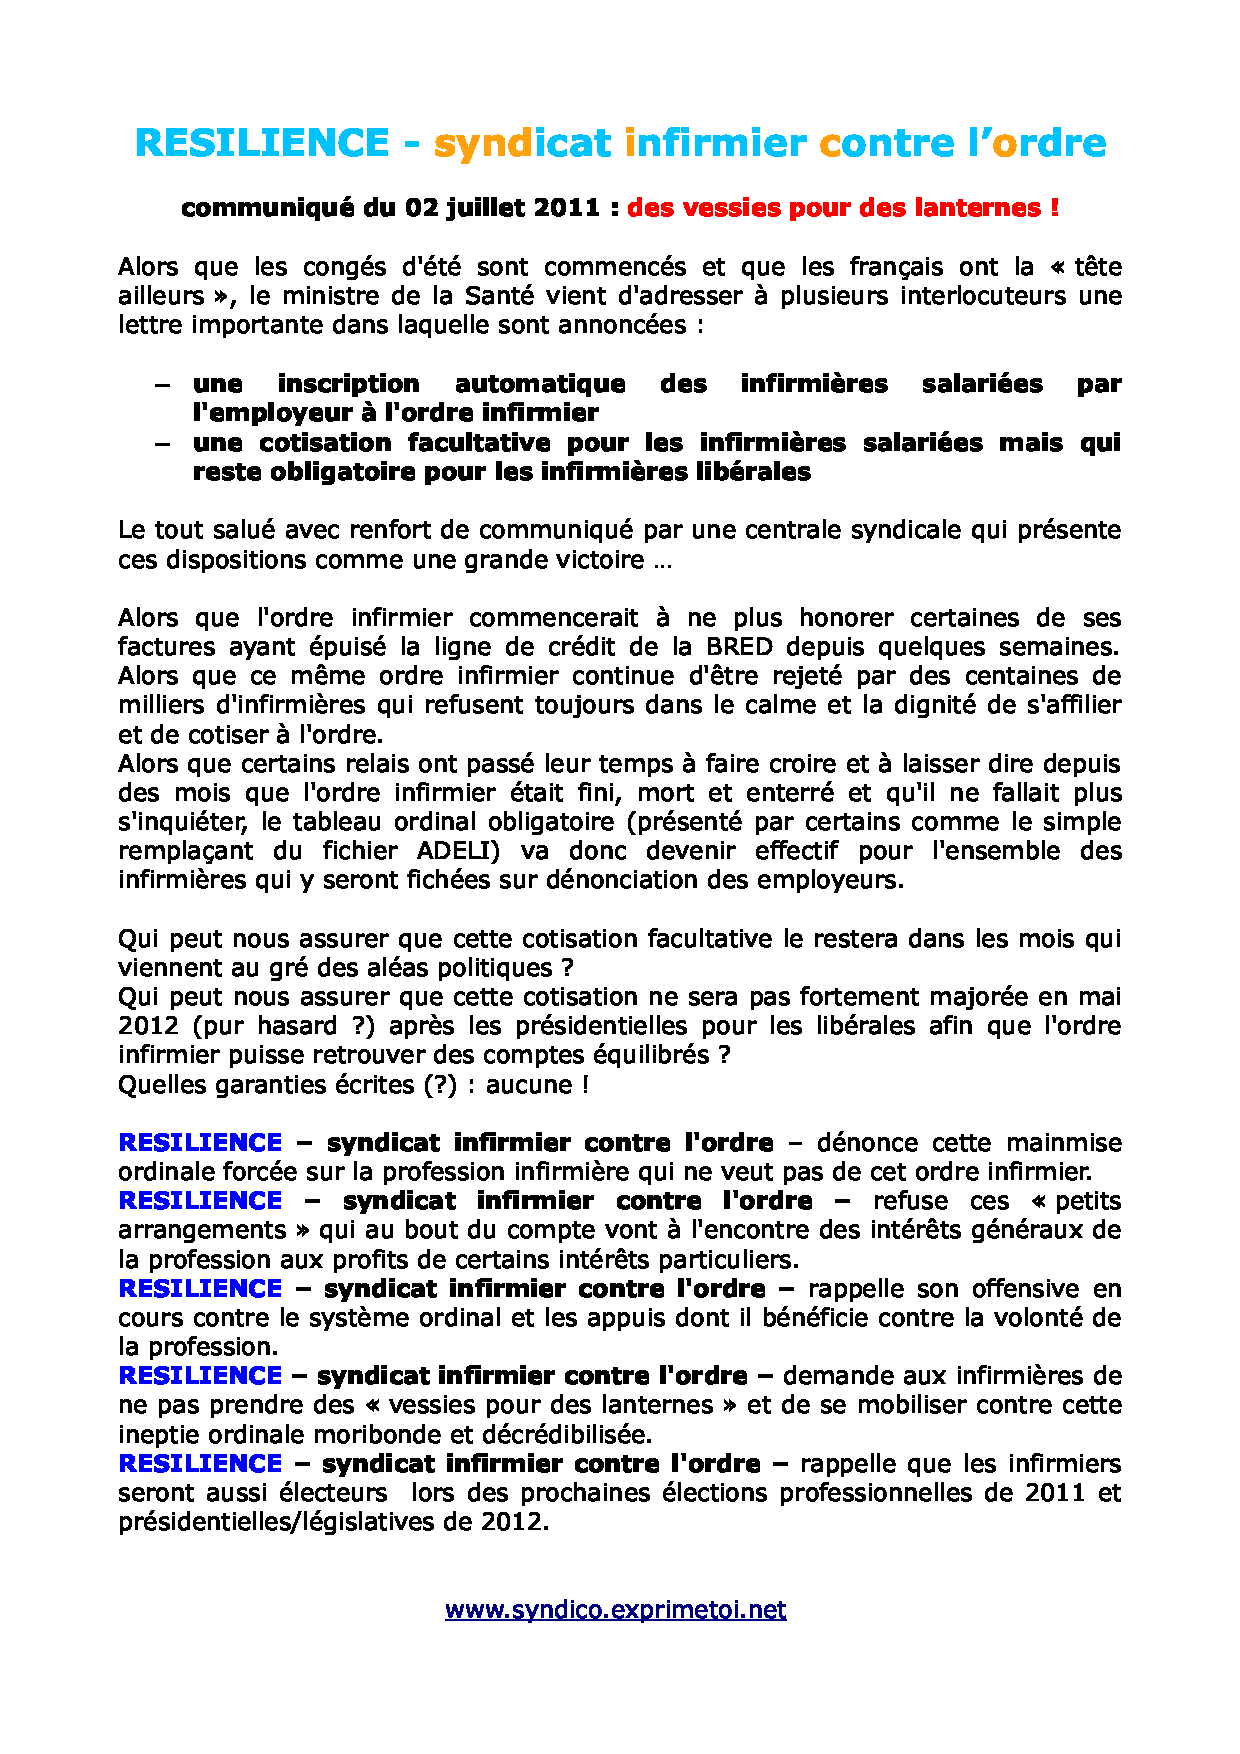 Communiqué RESILIENCE du 02 juillet 2011 : des vessies pour des lanternes ! 1107021052481139708415200